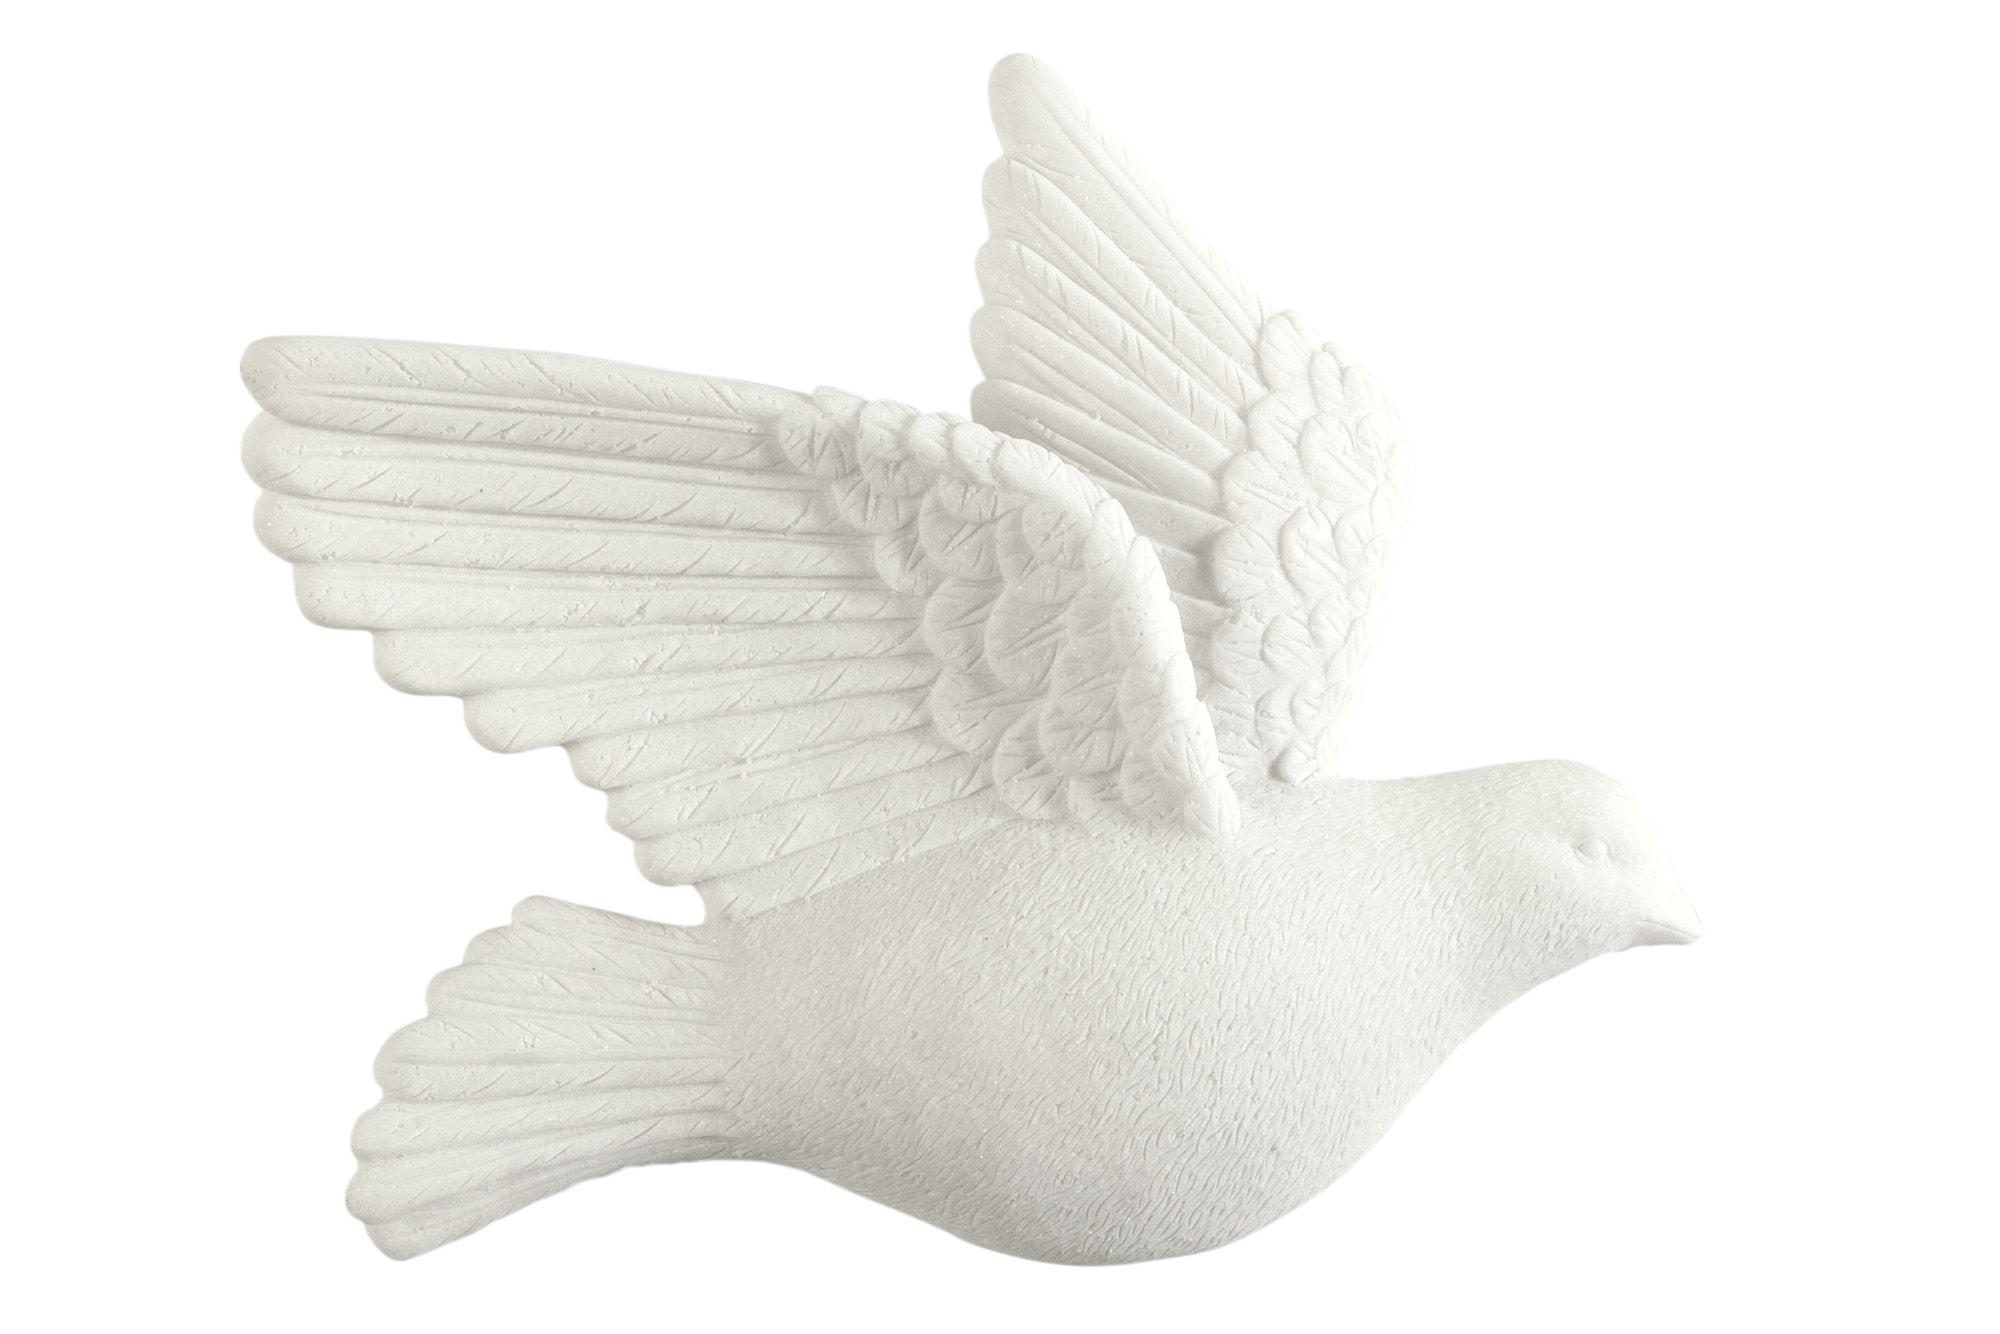 heine home LED Wanddeko Vogel 2er-Set | Dekoration > Figuren und Skulpturen > Tiere | Grau | Heine Home